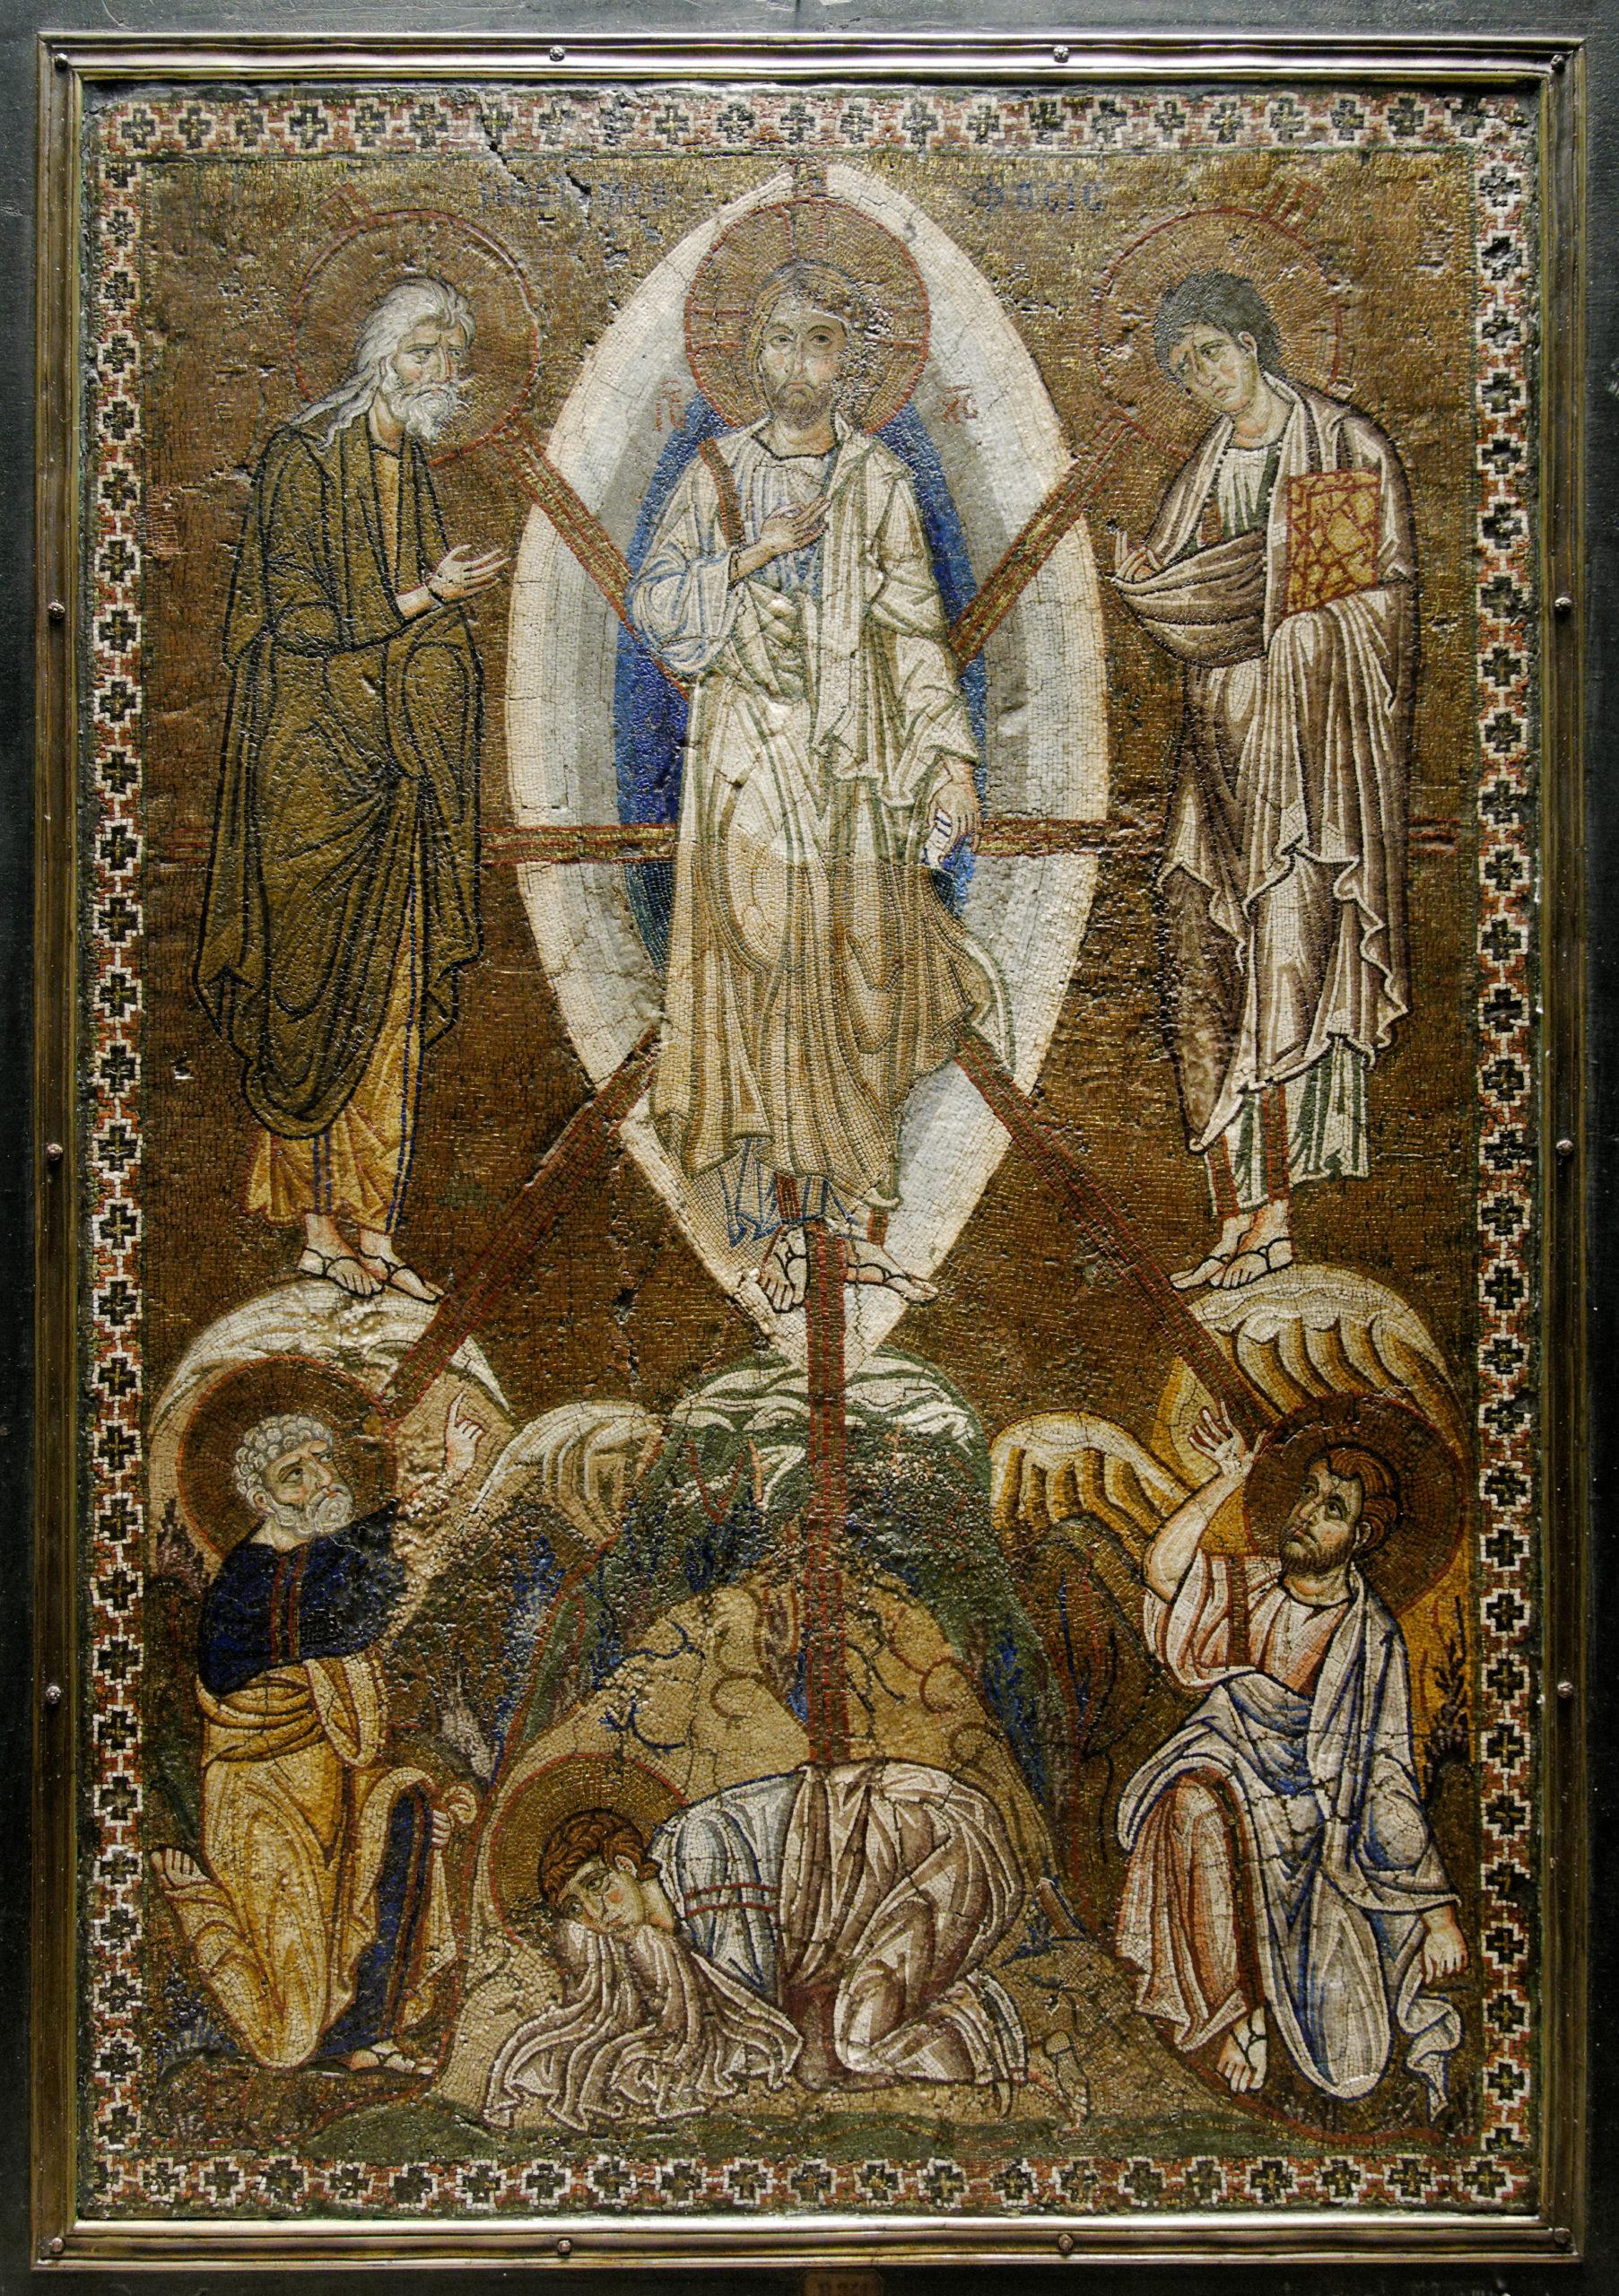 Преображение, мозаичная икона, ок.1200 года, Лувр.